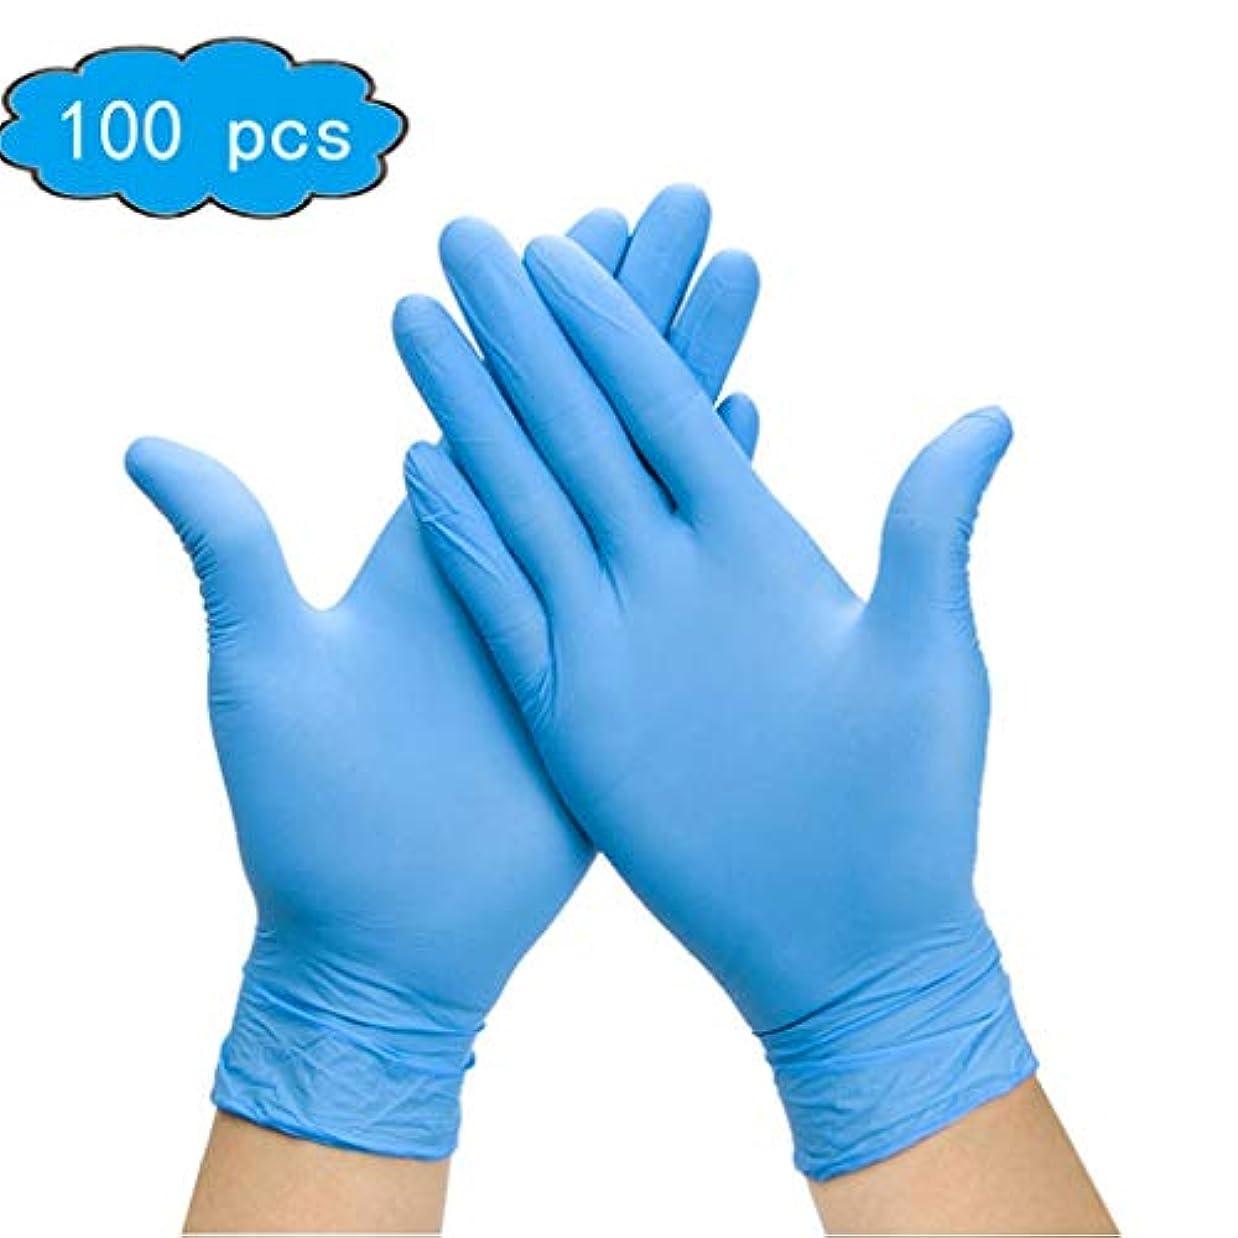 朝食を食べるスイ添加剤使い捨てニトリル手袋-パウダーフリー、ゴムラテックスフリー、医療検査グレード、非滅菌、両性利き-ソフトブルー(100個)、ラボ&科学製品 (Color : Blue, Size : L)